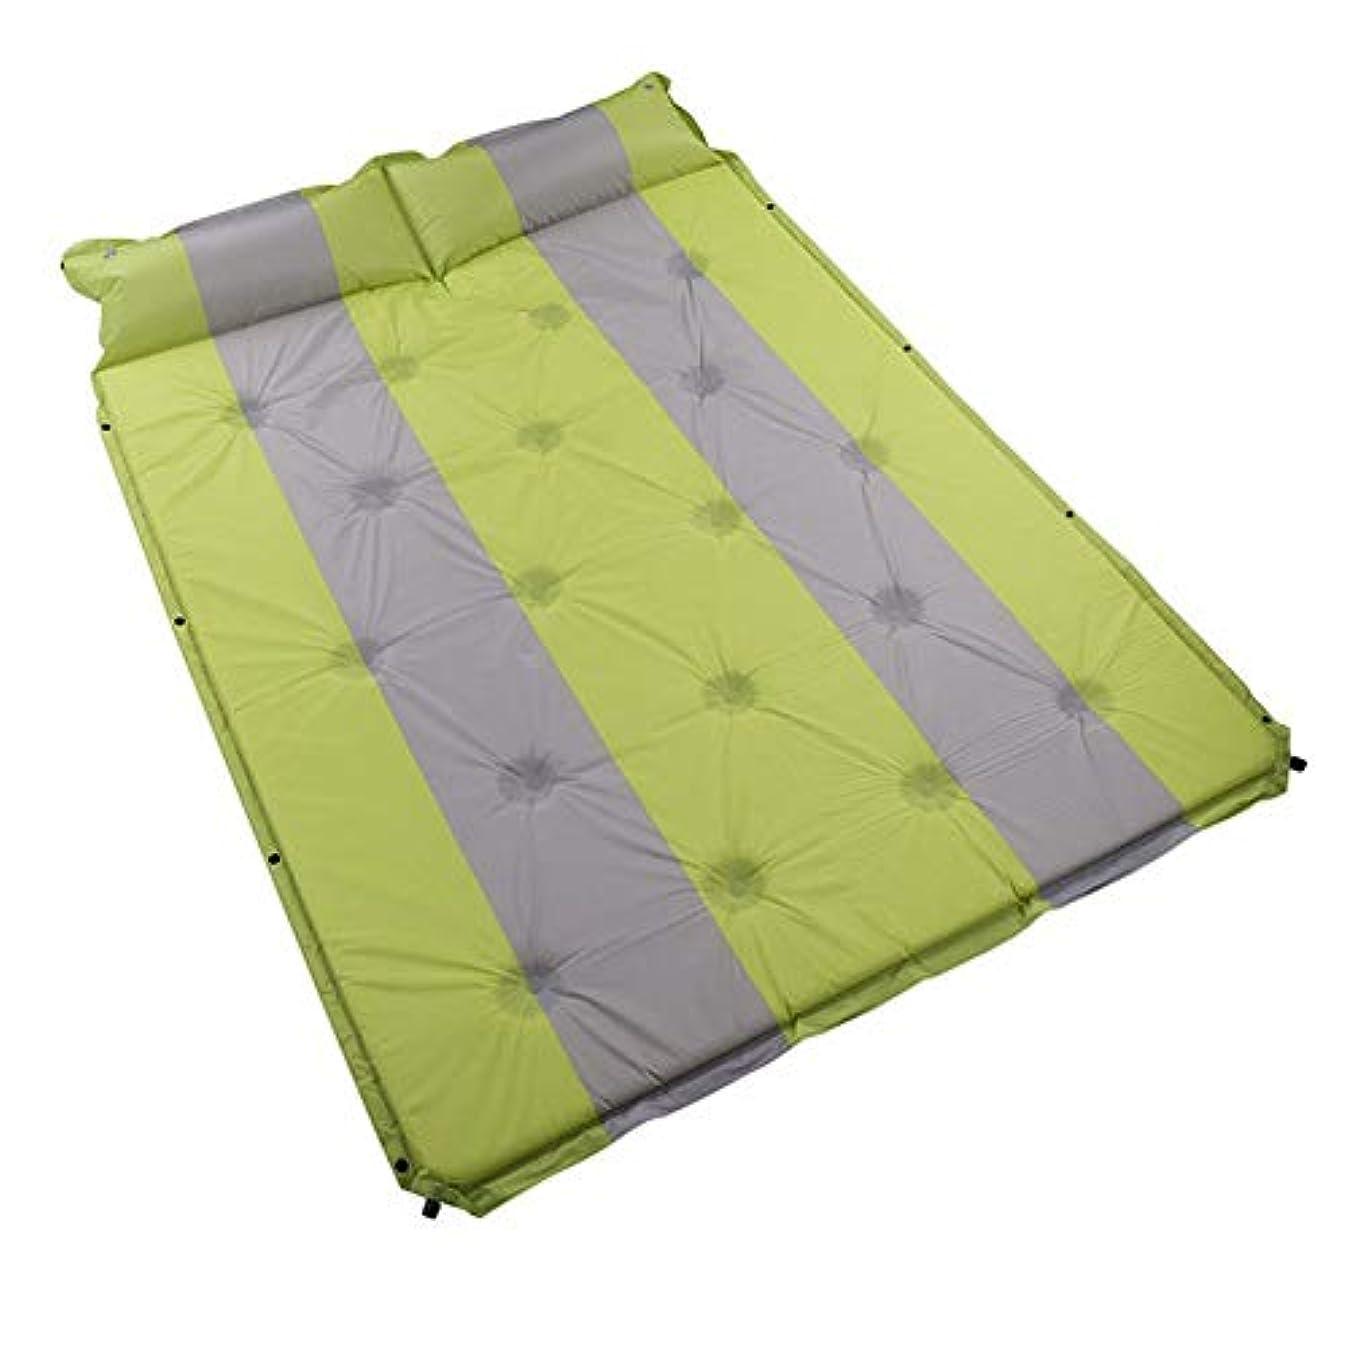 カメラ豆干渉光 アウトドア 睡眠 パッド、 ダブル 睡眠 マット と 枕、 自己膨張する 水分 証明 パディング、 にとって キャンプ、 ピクニック、 アウトドア、 軽量